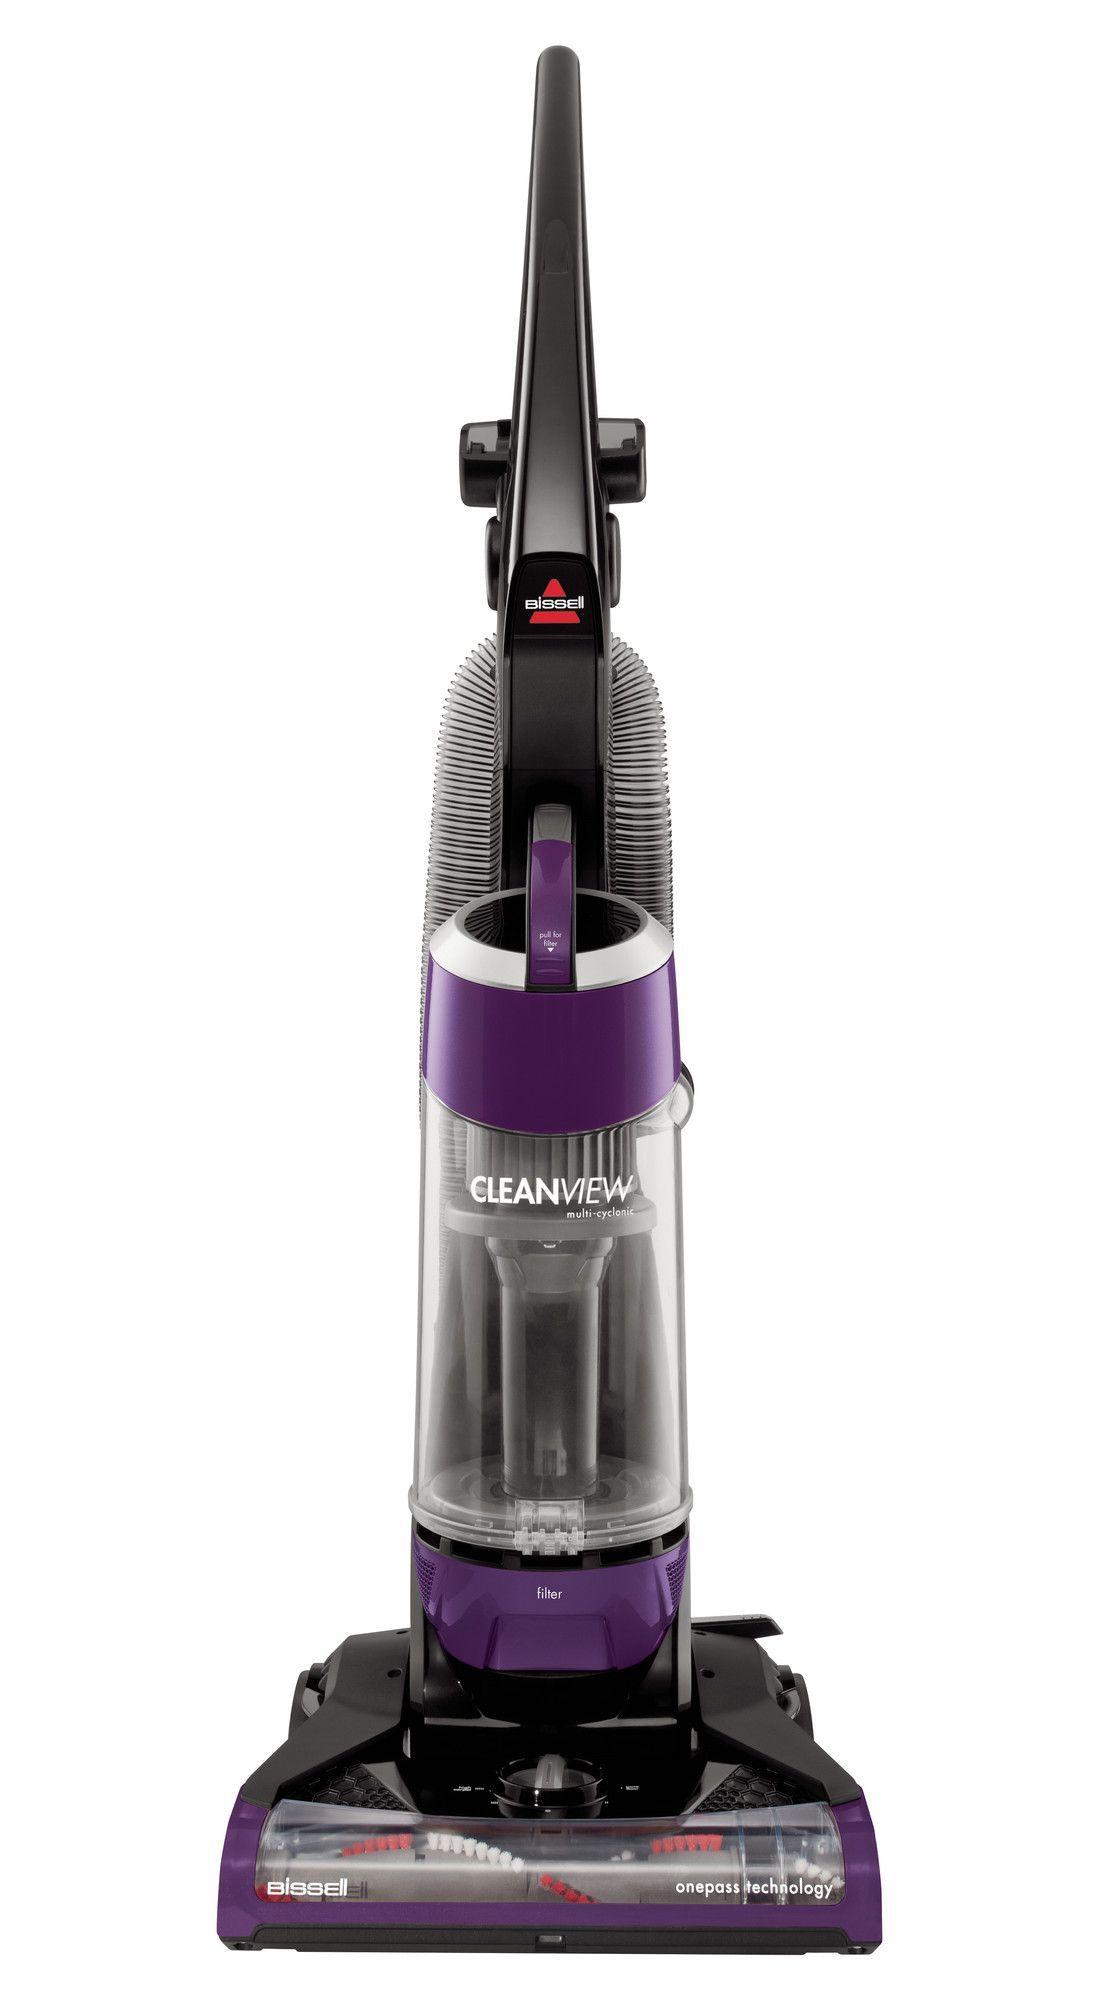 CleanView Plus Upright Vacuum Cleaner Upright vacuum